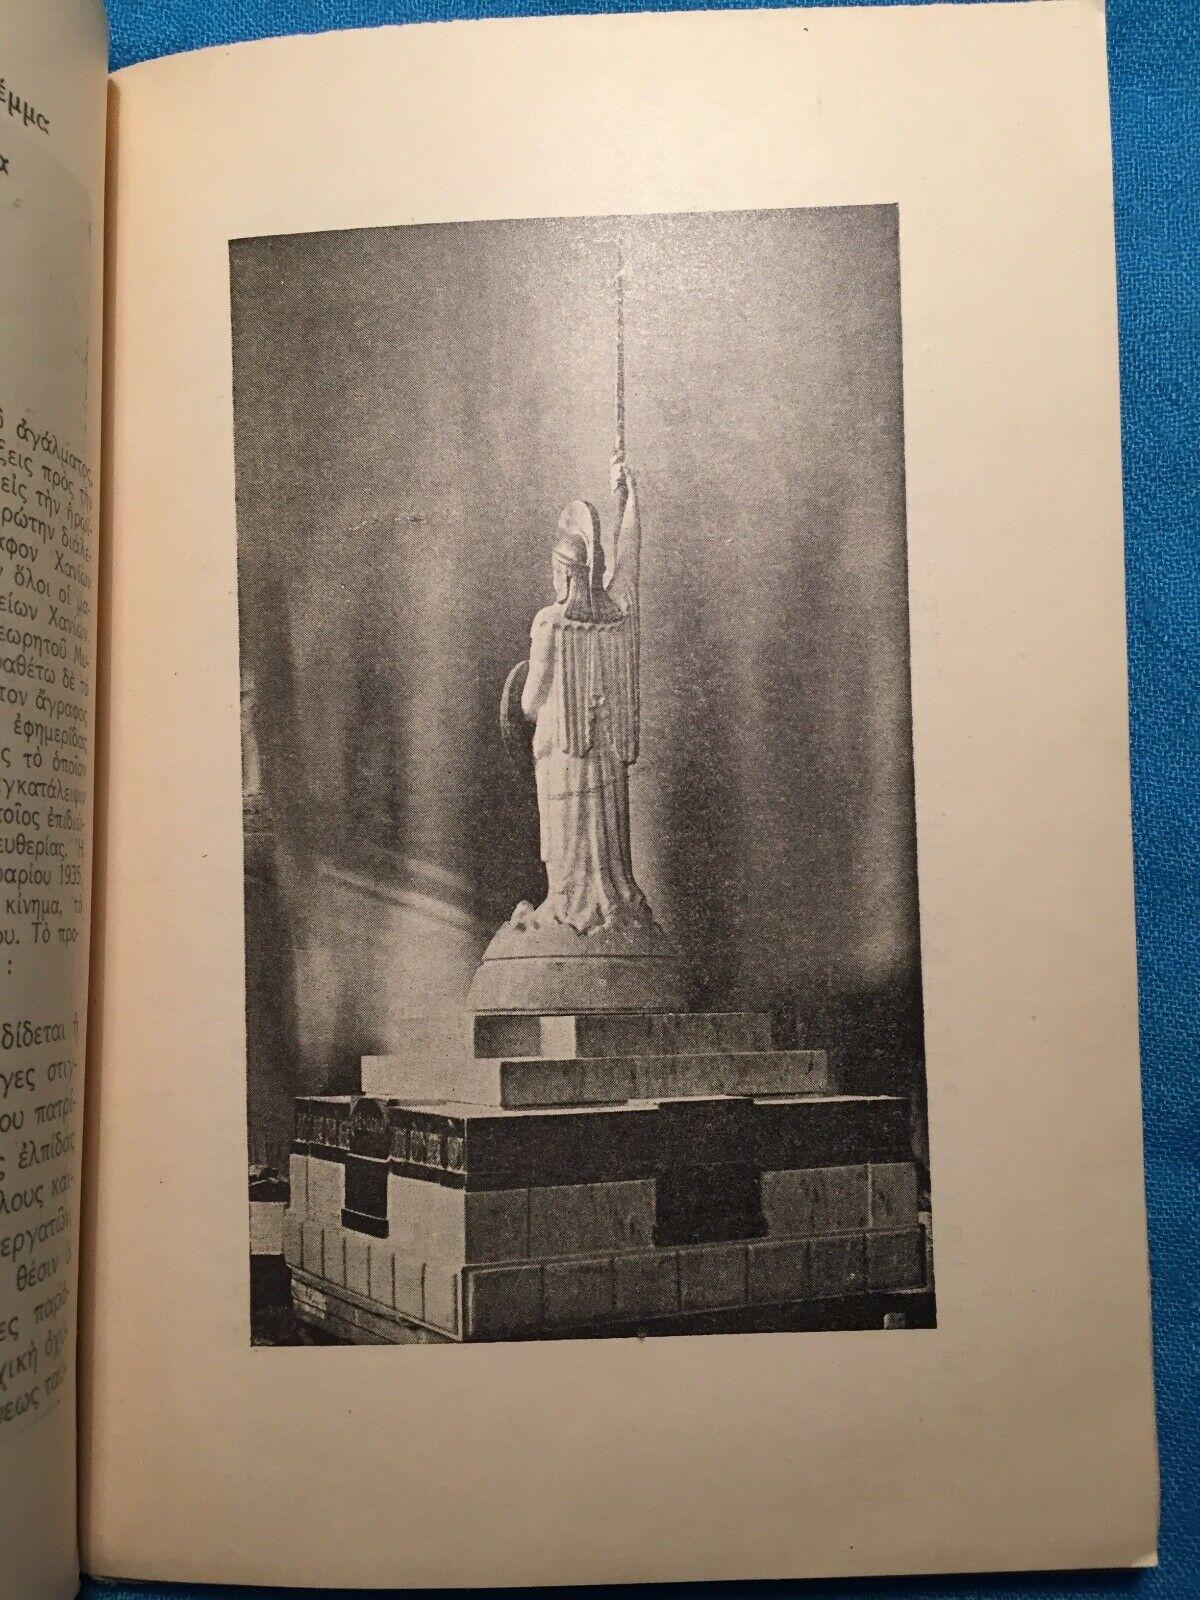 eon-greece-book-1937-eon-fascist-youth-05